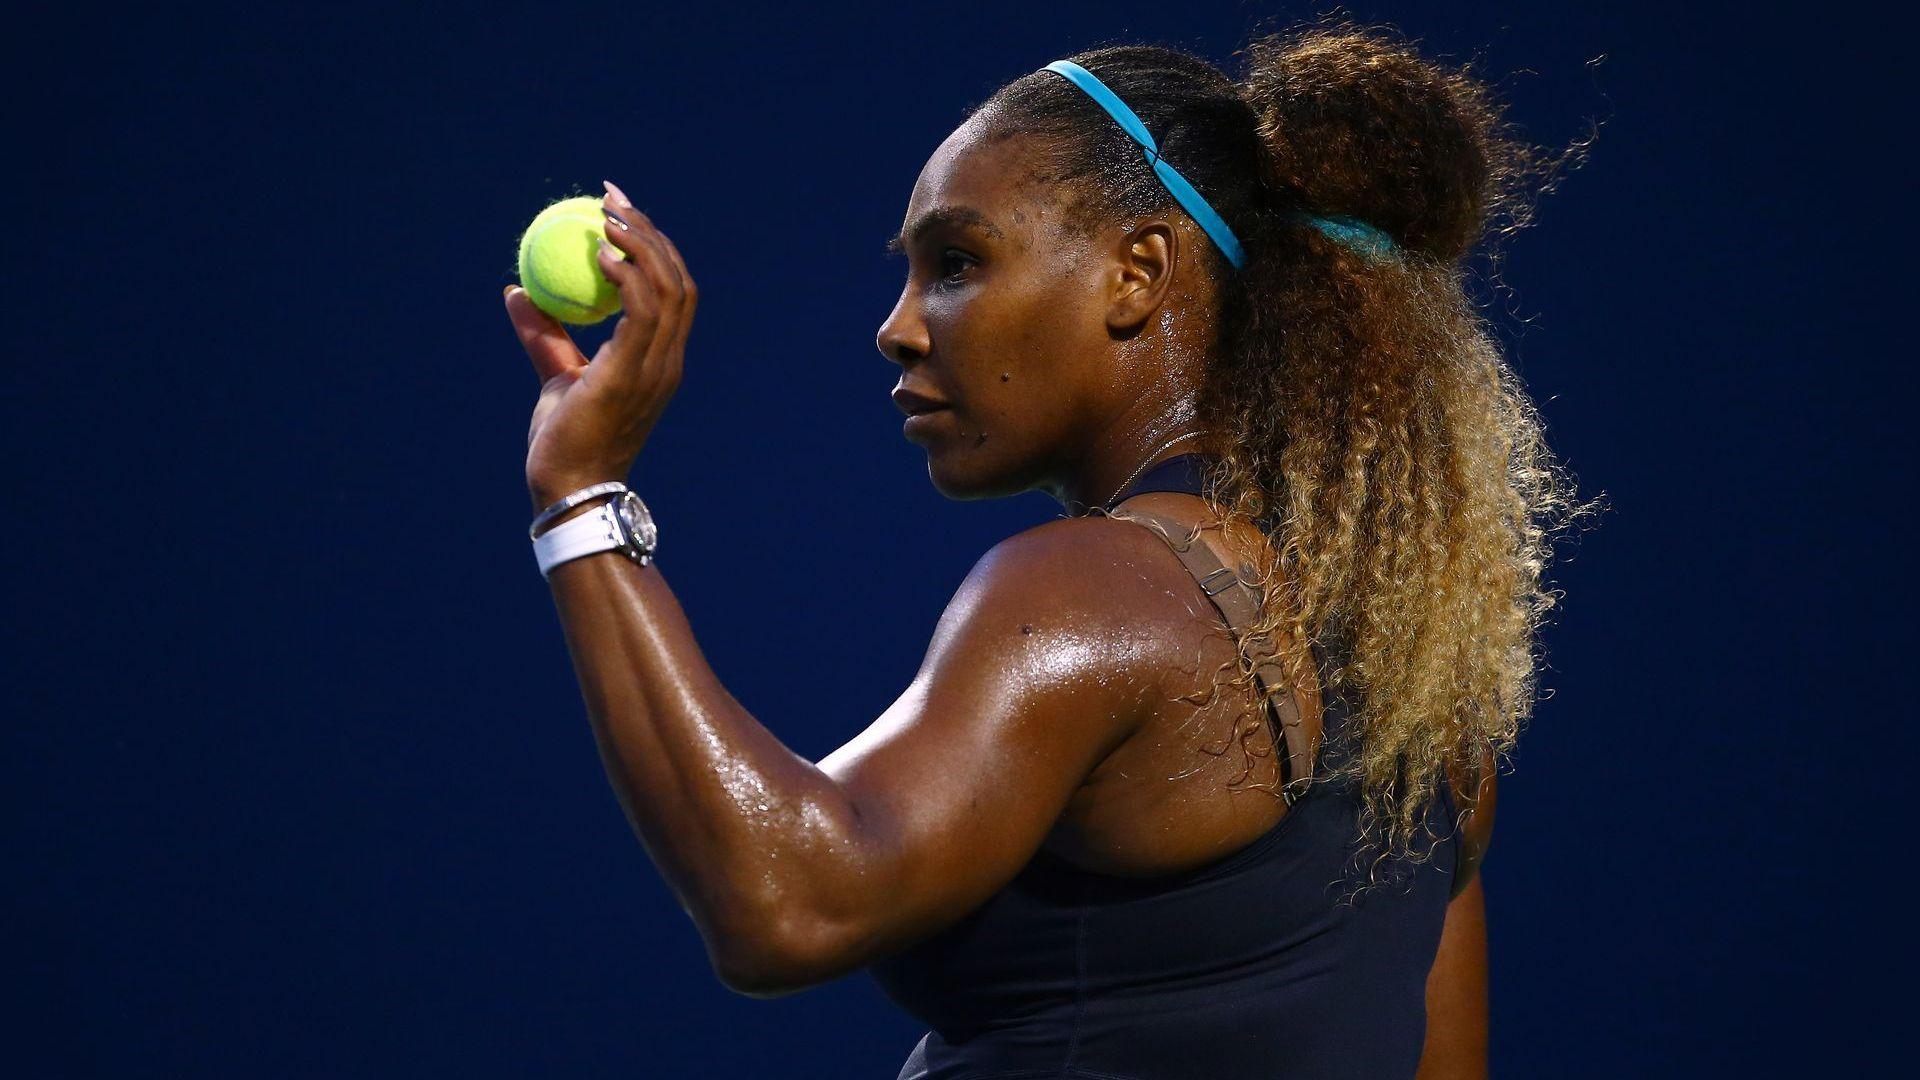 Серина удари рамо на спорния US Open: Нямам търпение да играя в Ню Йорк